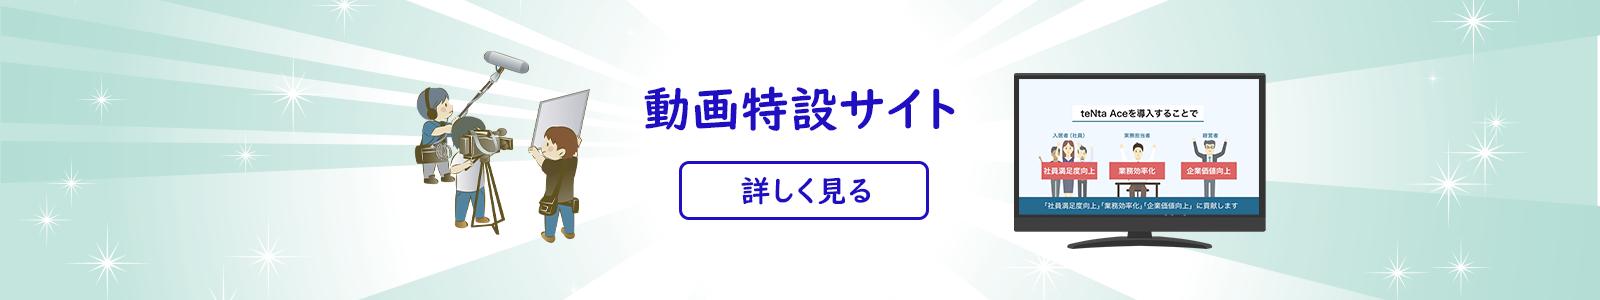 NTTビジネスアソシエのサービス・導入事例を動画で分かりやすくご紹介します。詳しく見る